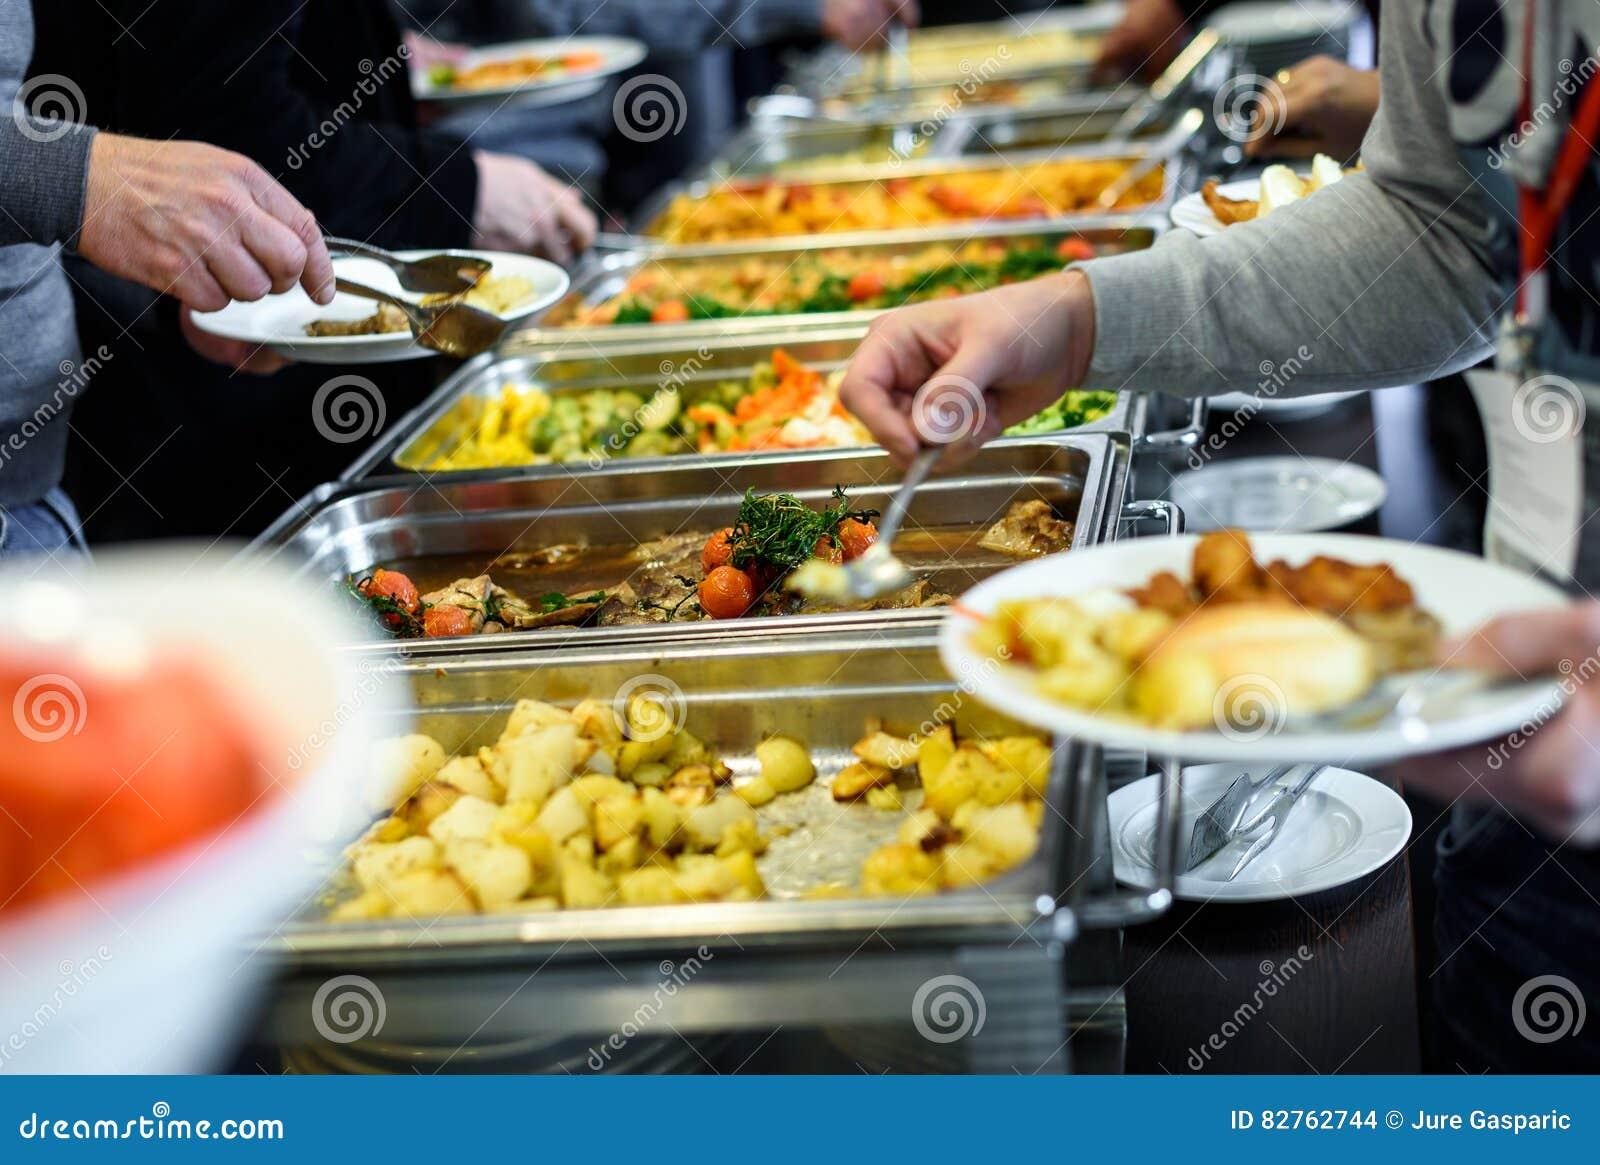 Abastecimiento culinario de la cena de la comida fría de la cocina que cena la celebración de la comida